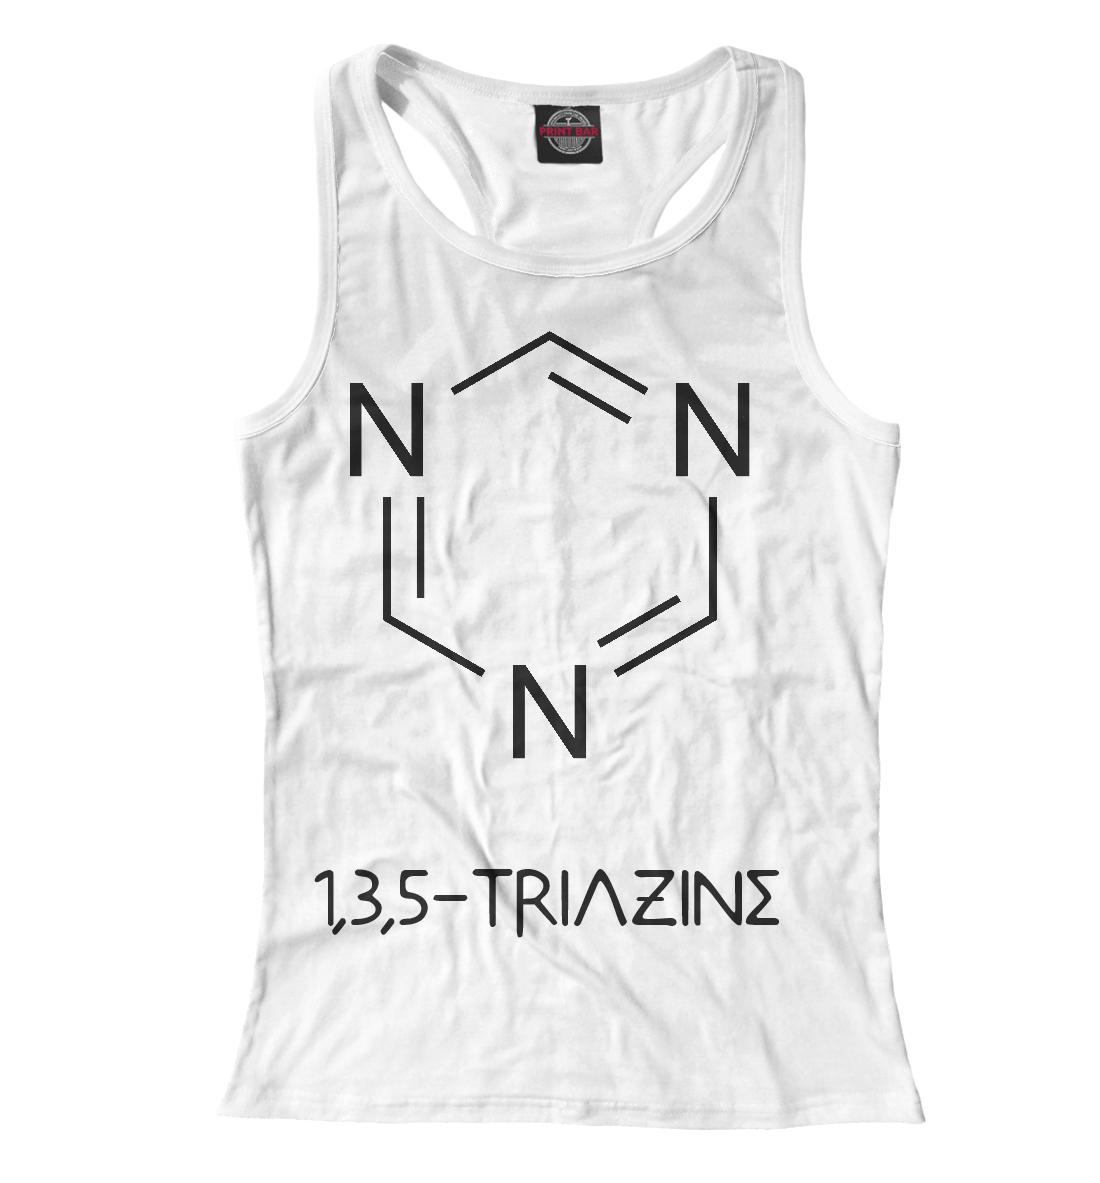 Купить Химия 1, 3, 5-триазин, Printbar, Майки борцовки, APD-417538-mayb-1